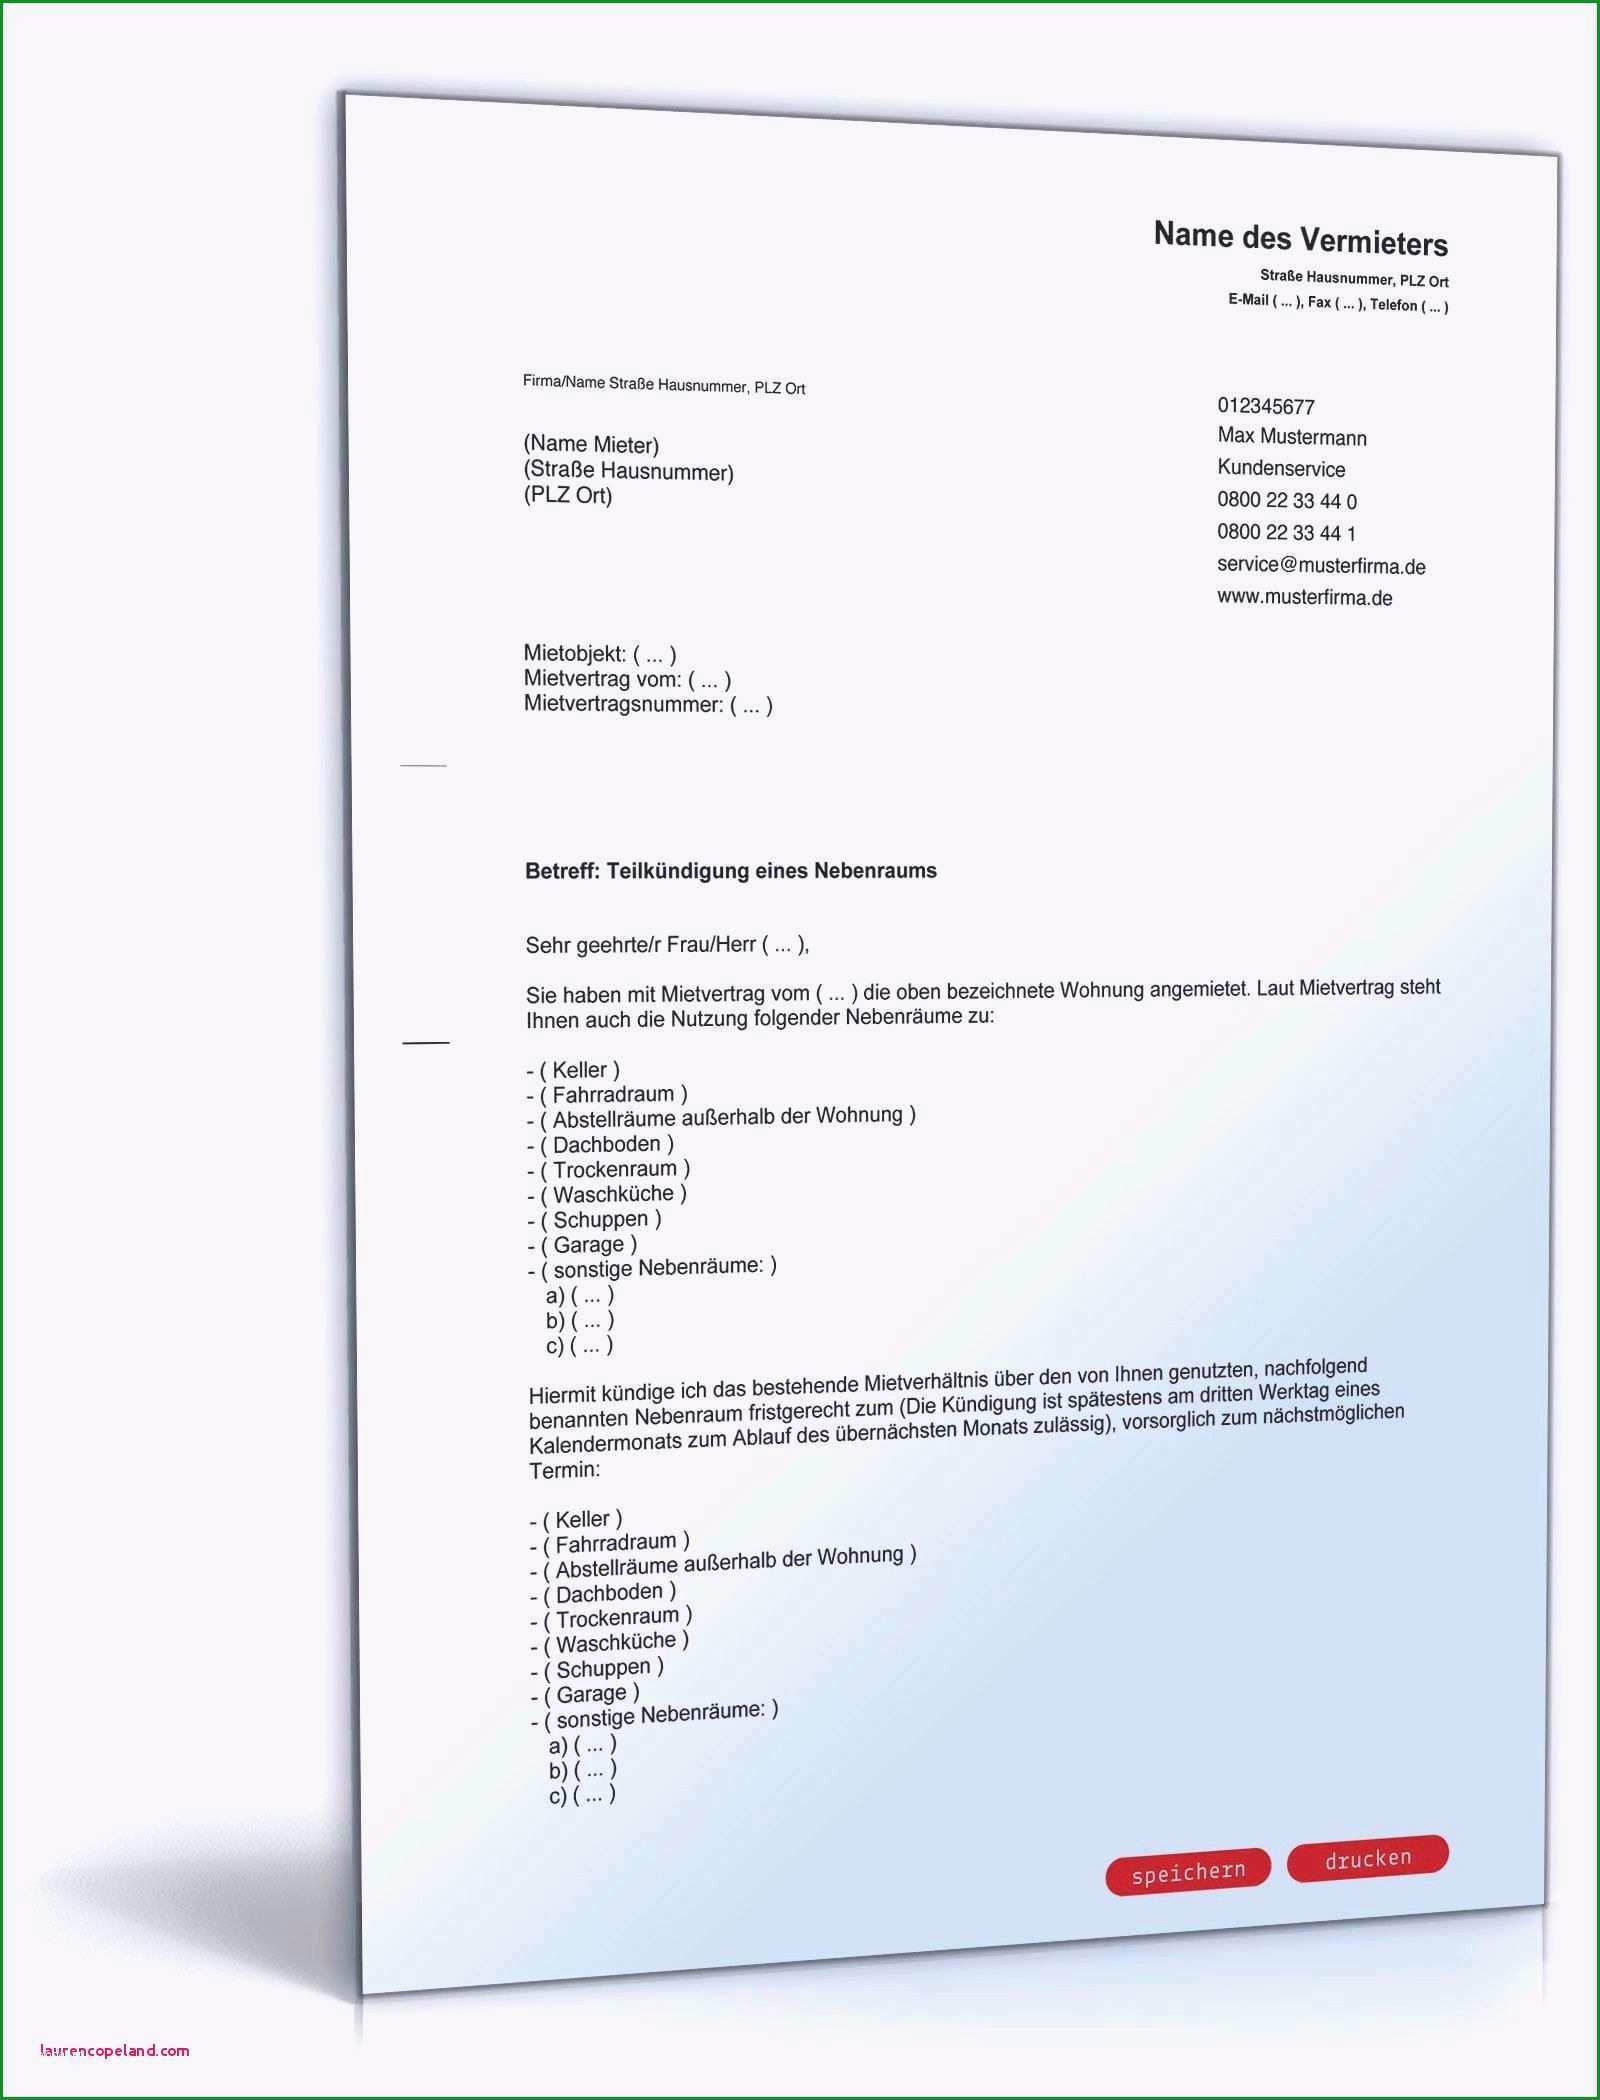 widerruf handyvertrag muster produktfotos handyvertrag widerrufen innerhalb beste handyvertrag widerrufen vorlage